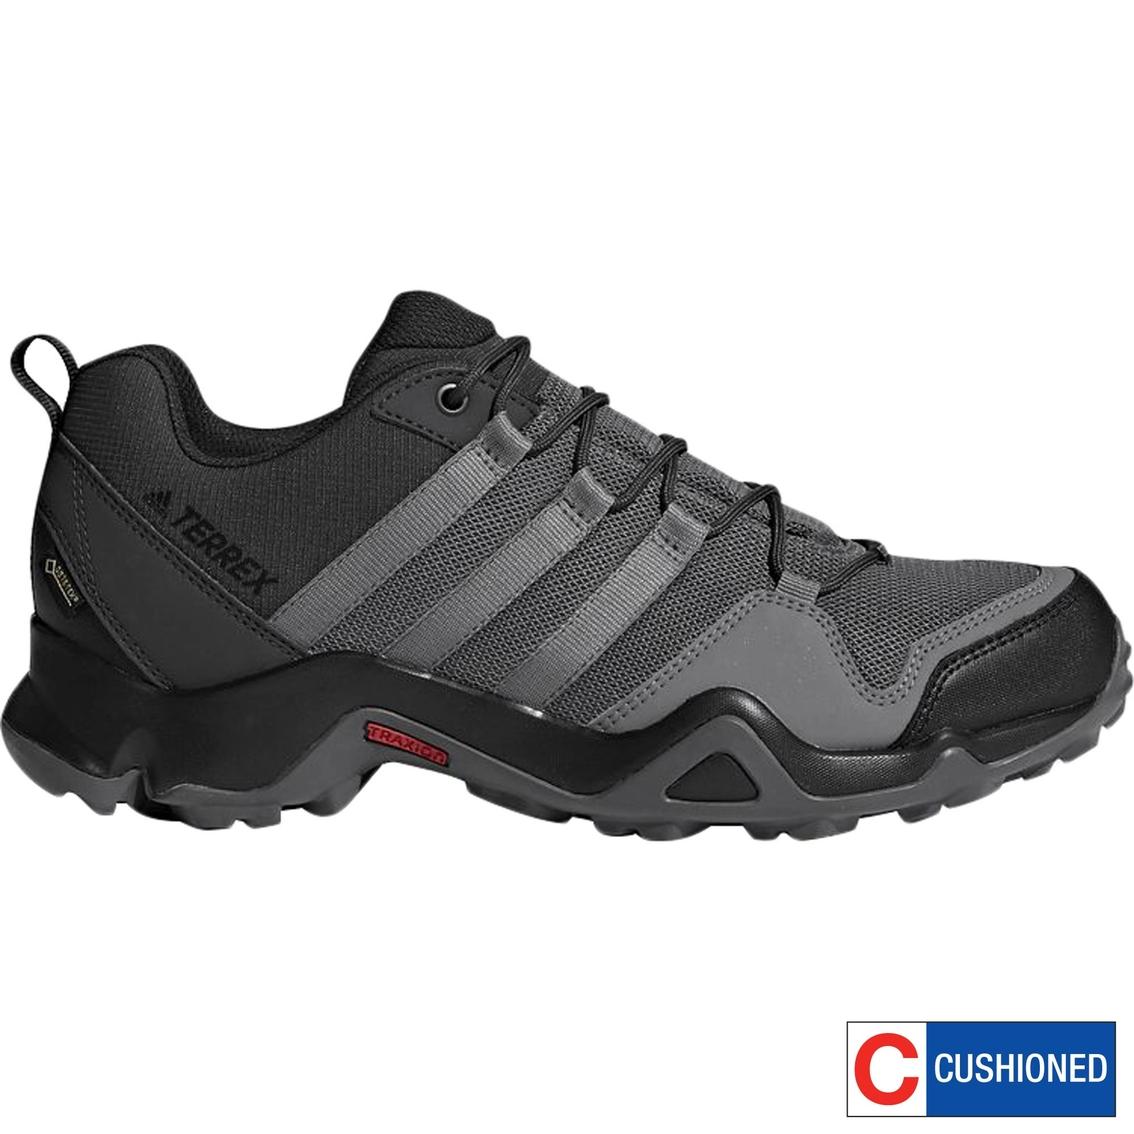 Adidas Men's Terrex Ax2r Gtx Trail